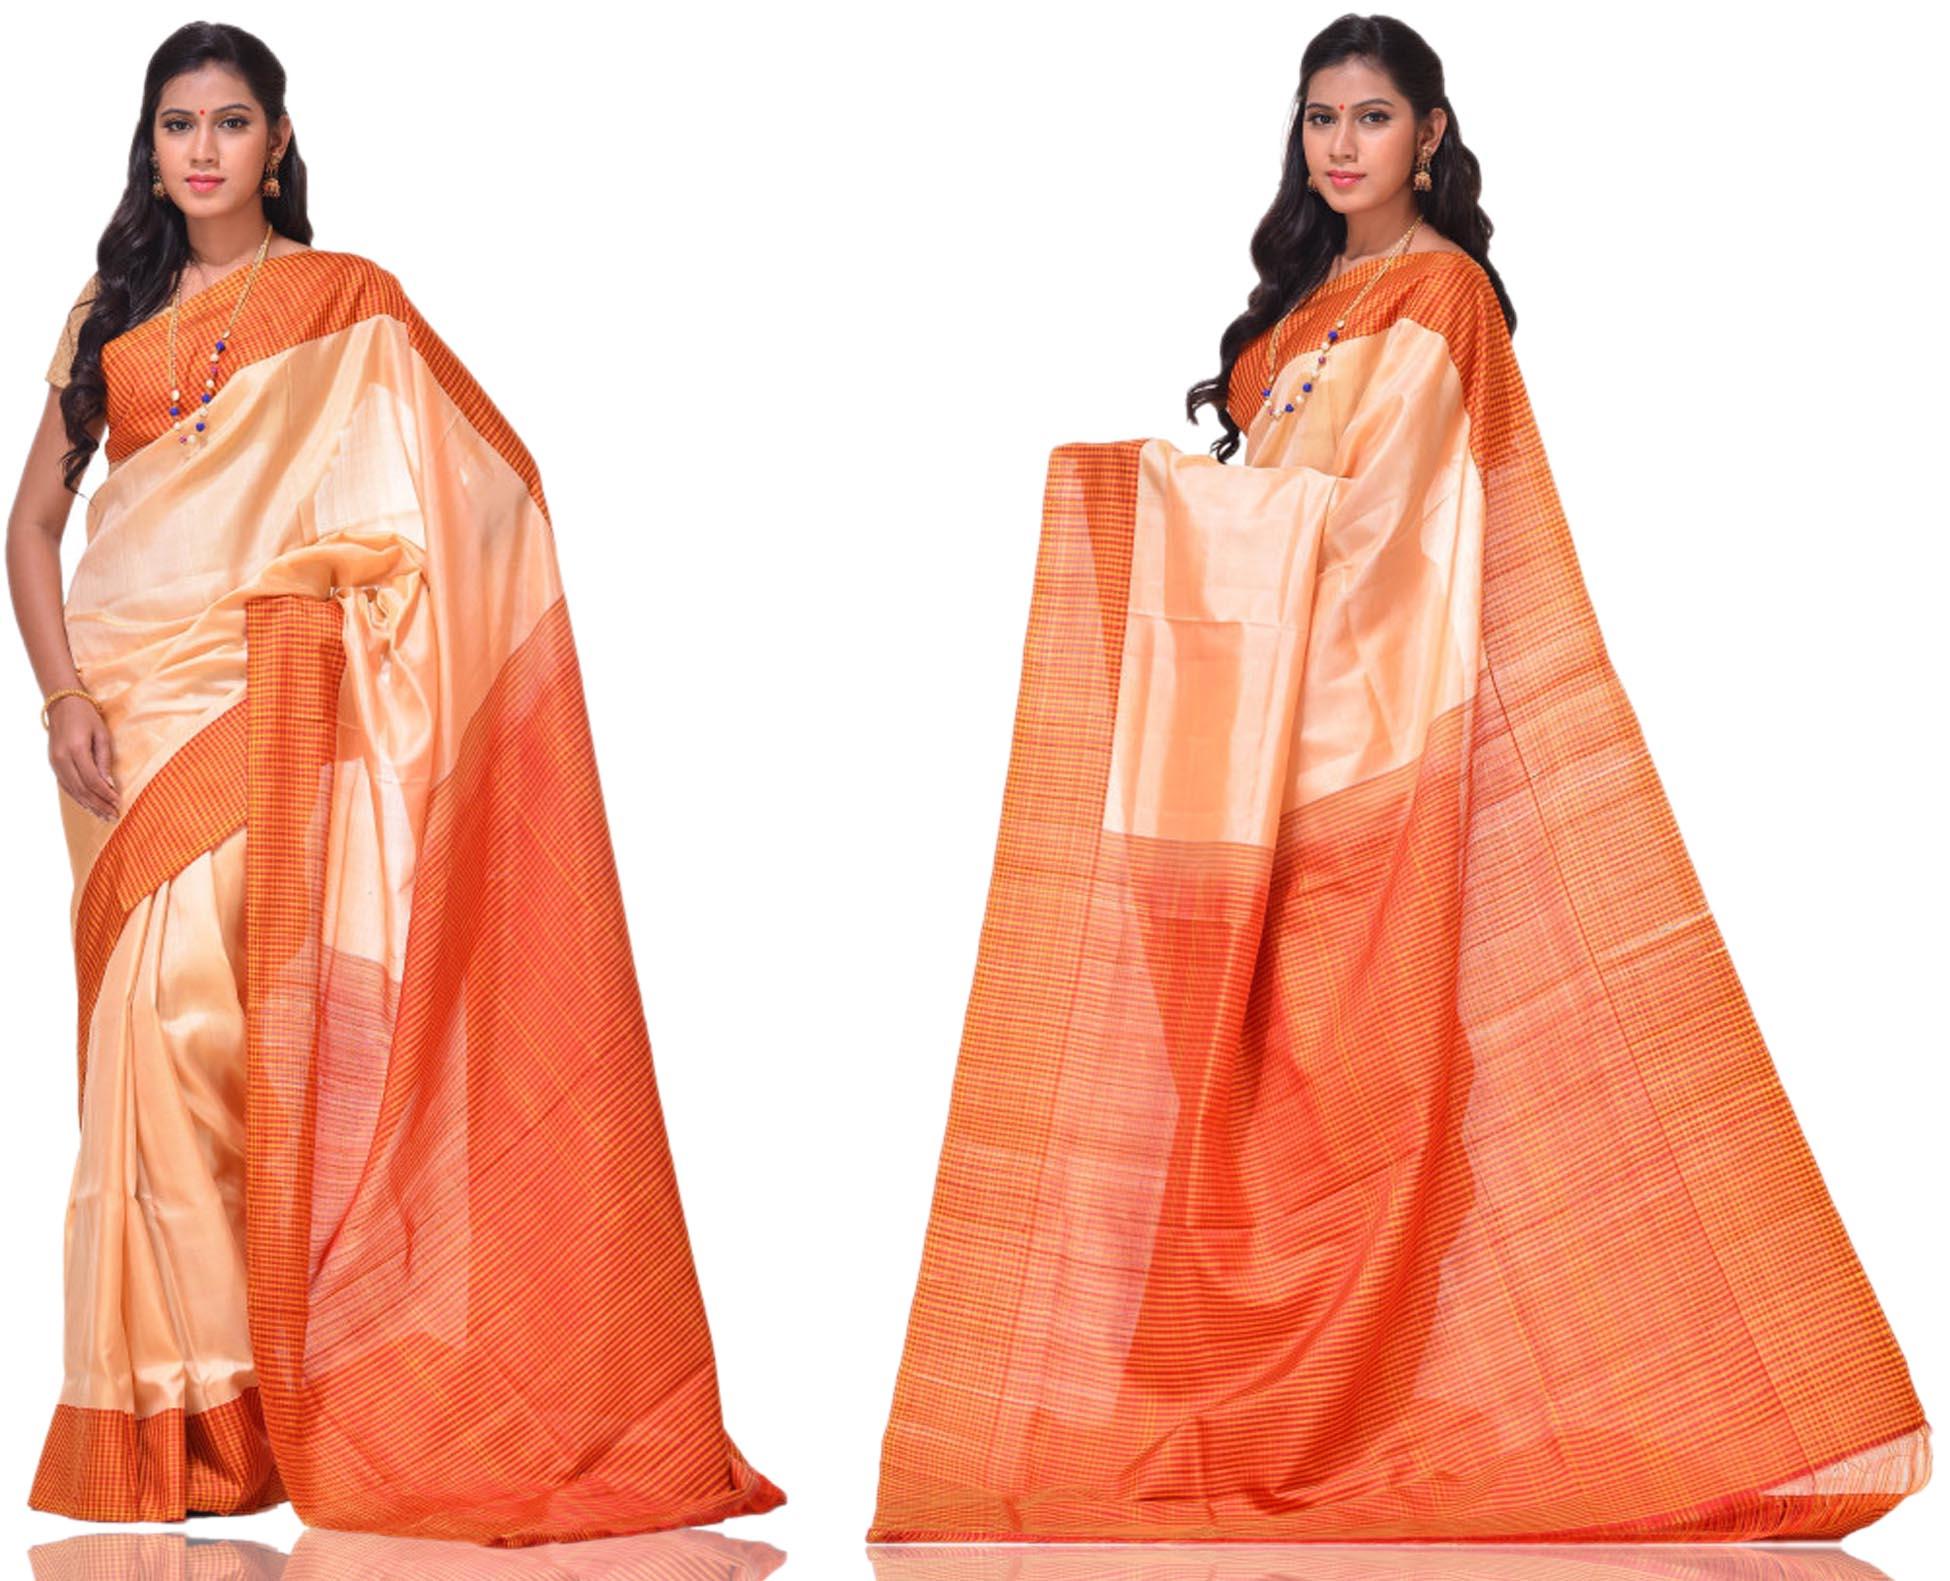 Price: - 8500/-   Uppada presents new collection of uppada sarees, uppada cotton silk sarees, uppada silk sarees, uppada silk sarees. Sign up now for E-book you will be updated with latest collection of ethnic verities. For More Info Click on :- www.uppada.com  We manufacture of Uppada sarees, Paithani sarees, Banarasi sarees, Venkatagiri Sarees, Gadwal Sarees, Khadi sarees, Hand Painted Kalamkari Dupatta, Ikkat sarees, Kanchipuram Sarees, Dupattas, Stoles etc. For more info us at 040 64640303, 441905005.  - by Paithani, Hyderabad